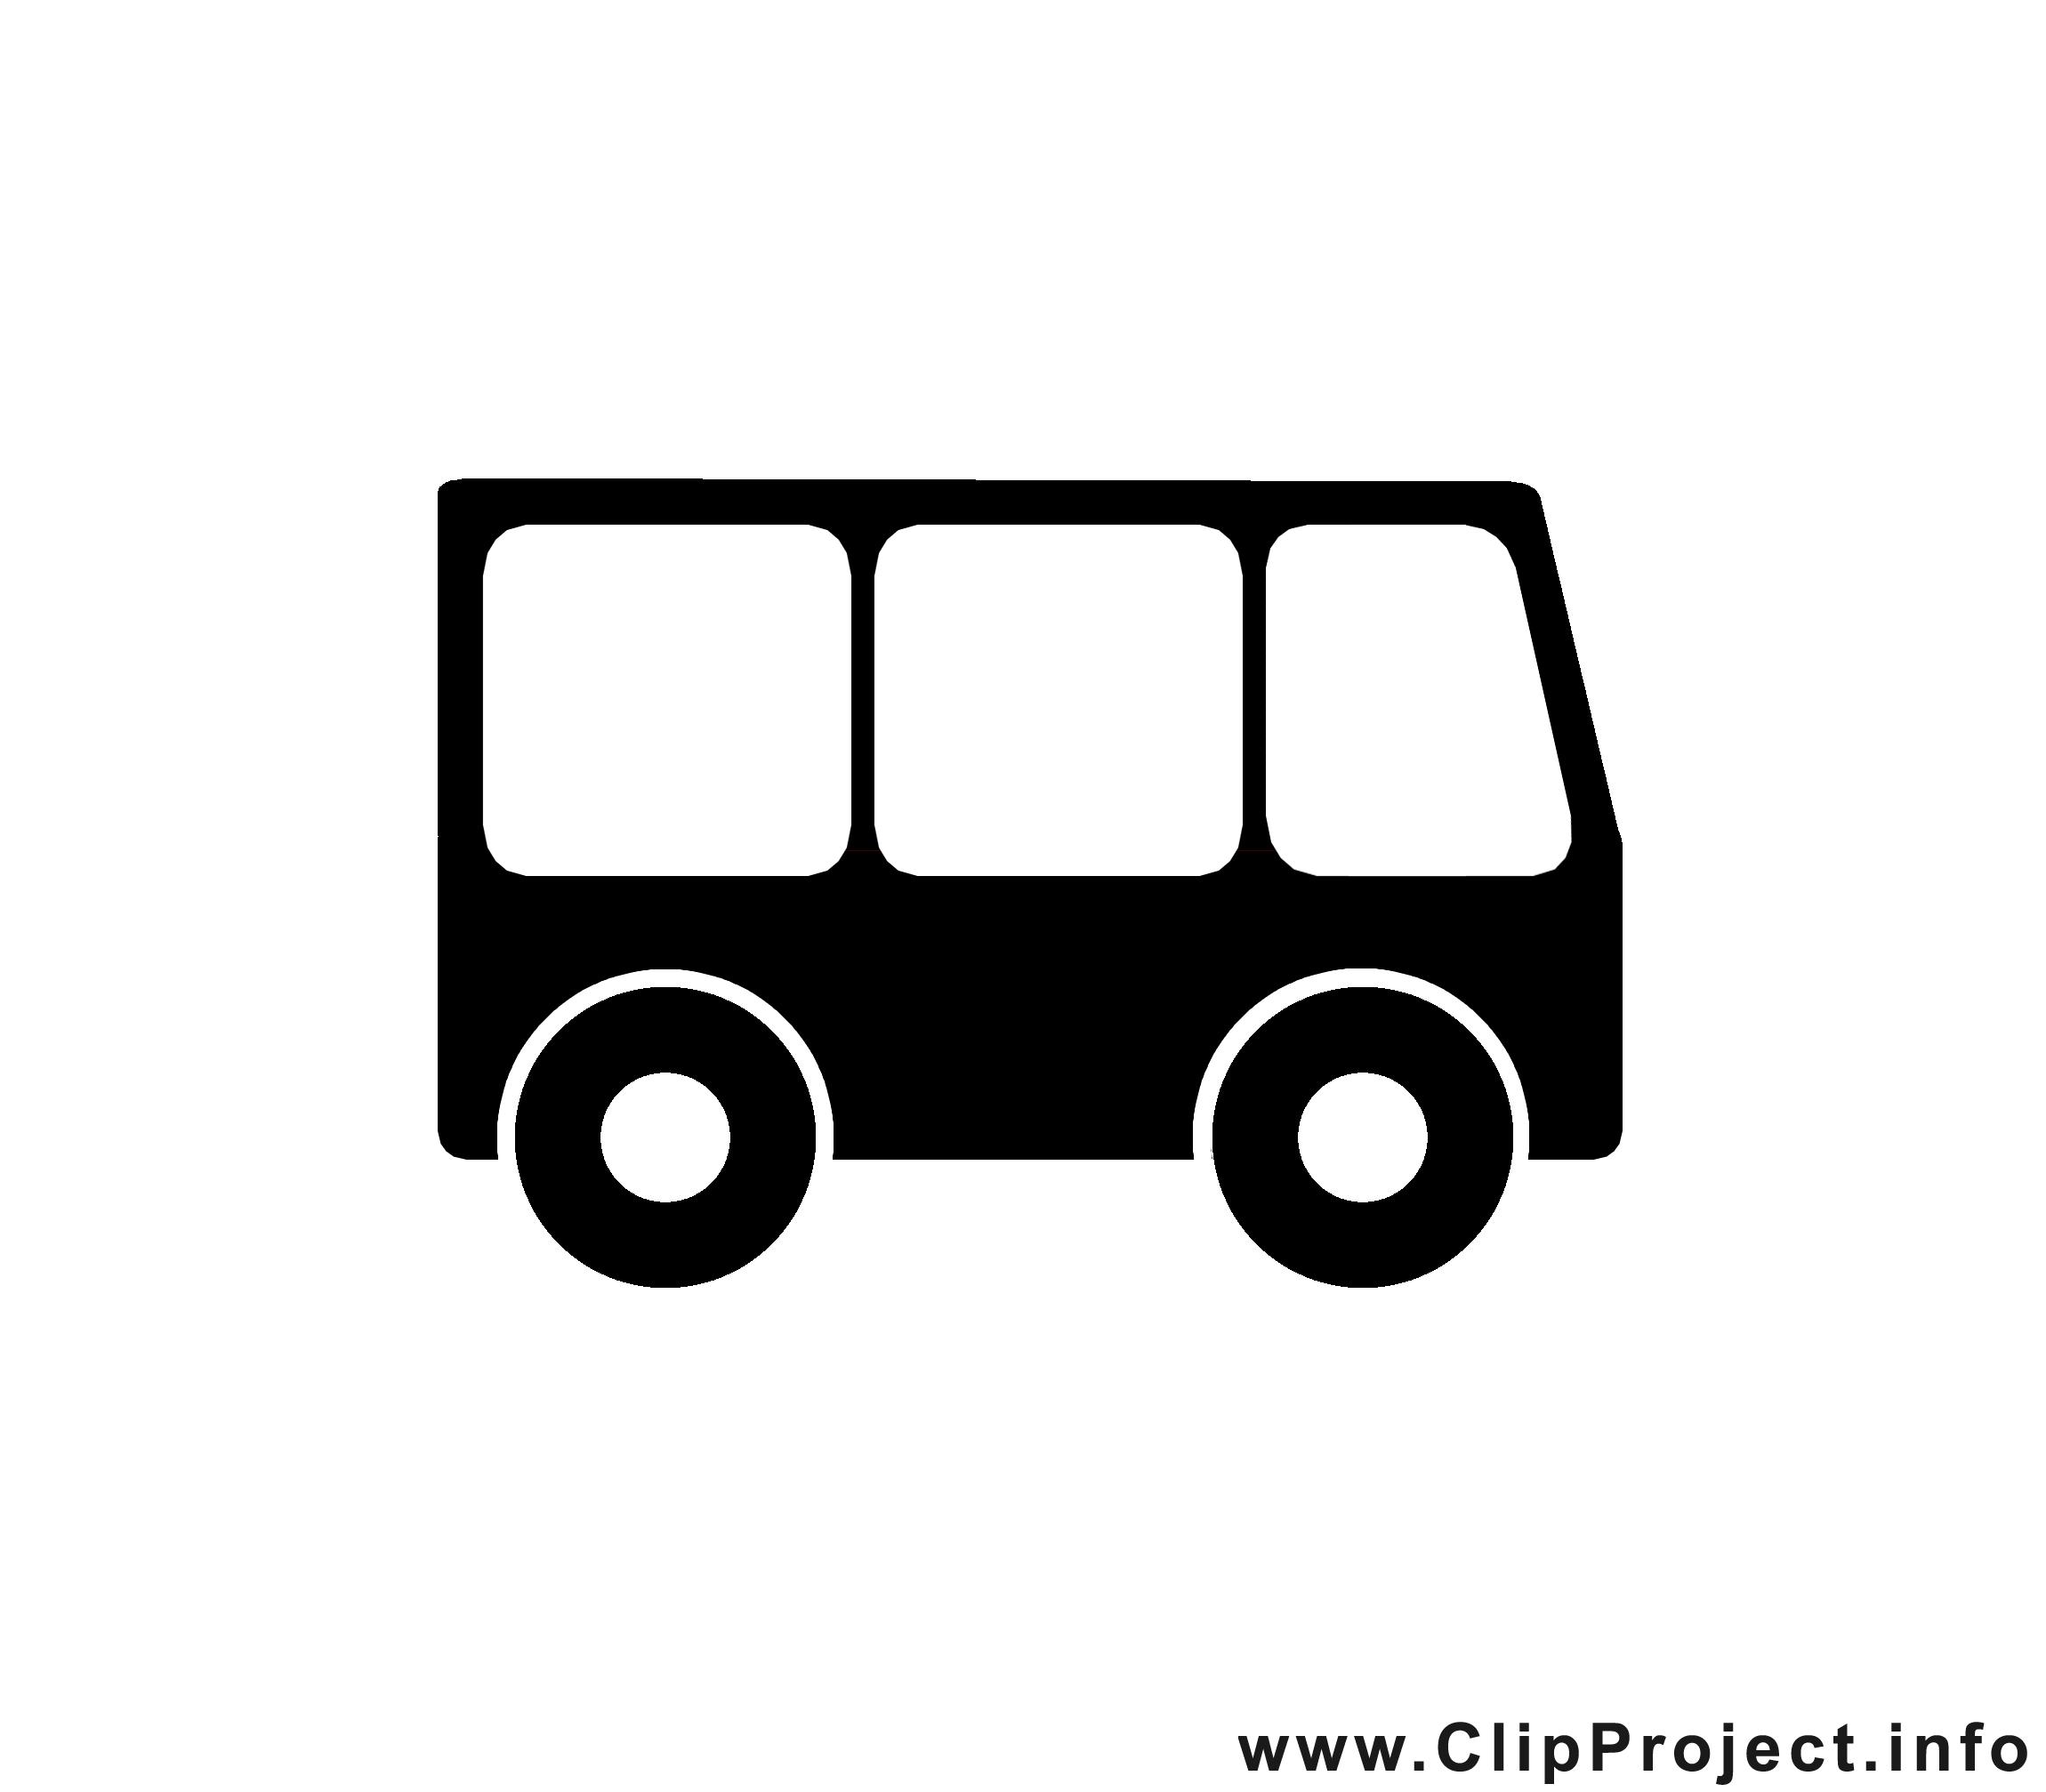 Bus image gratuite - Noir et blanc illustration